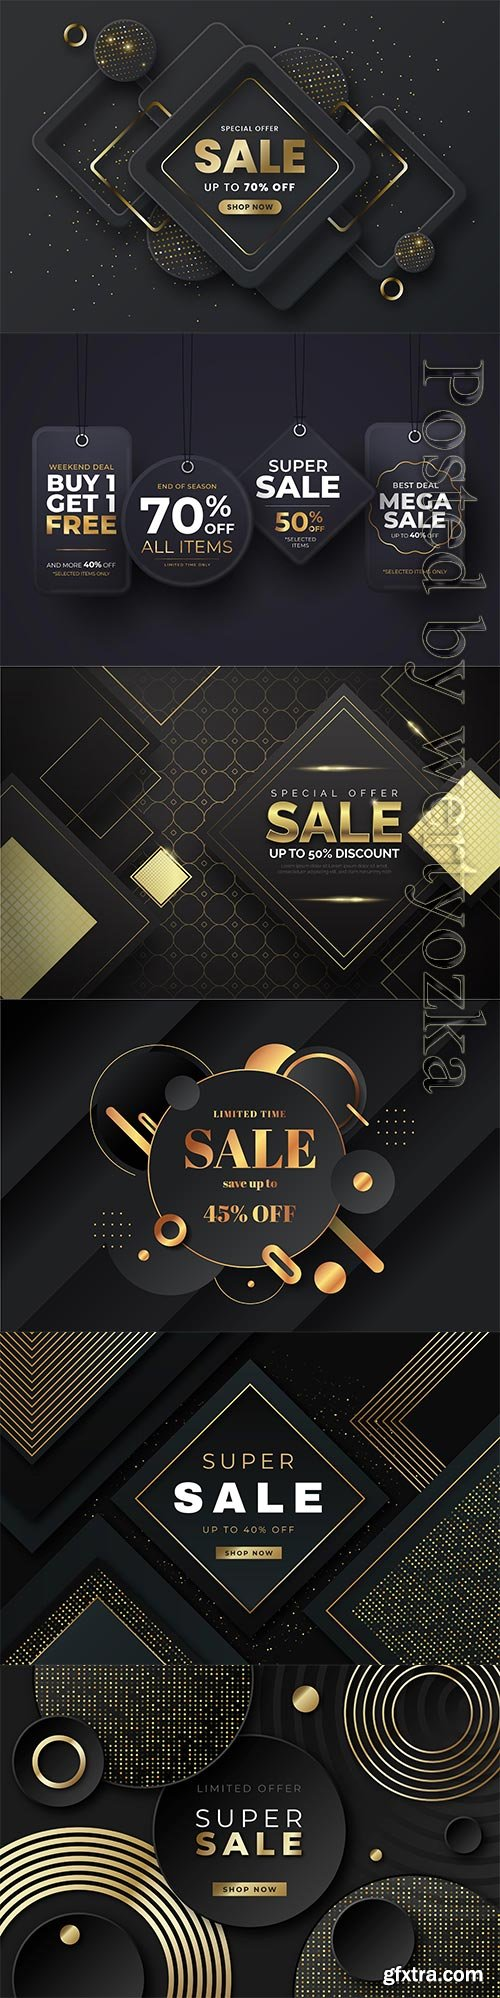 Luxury sale wallpaper with golden vector elements